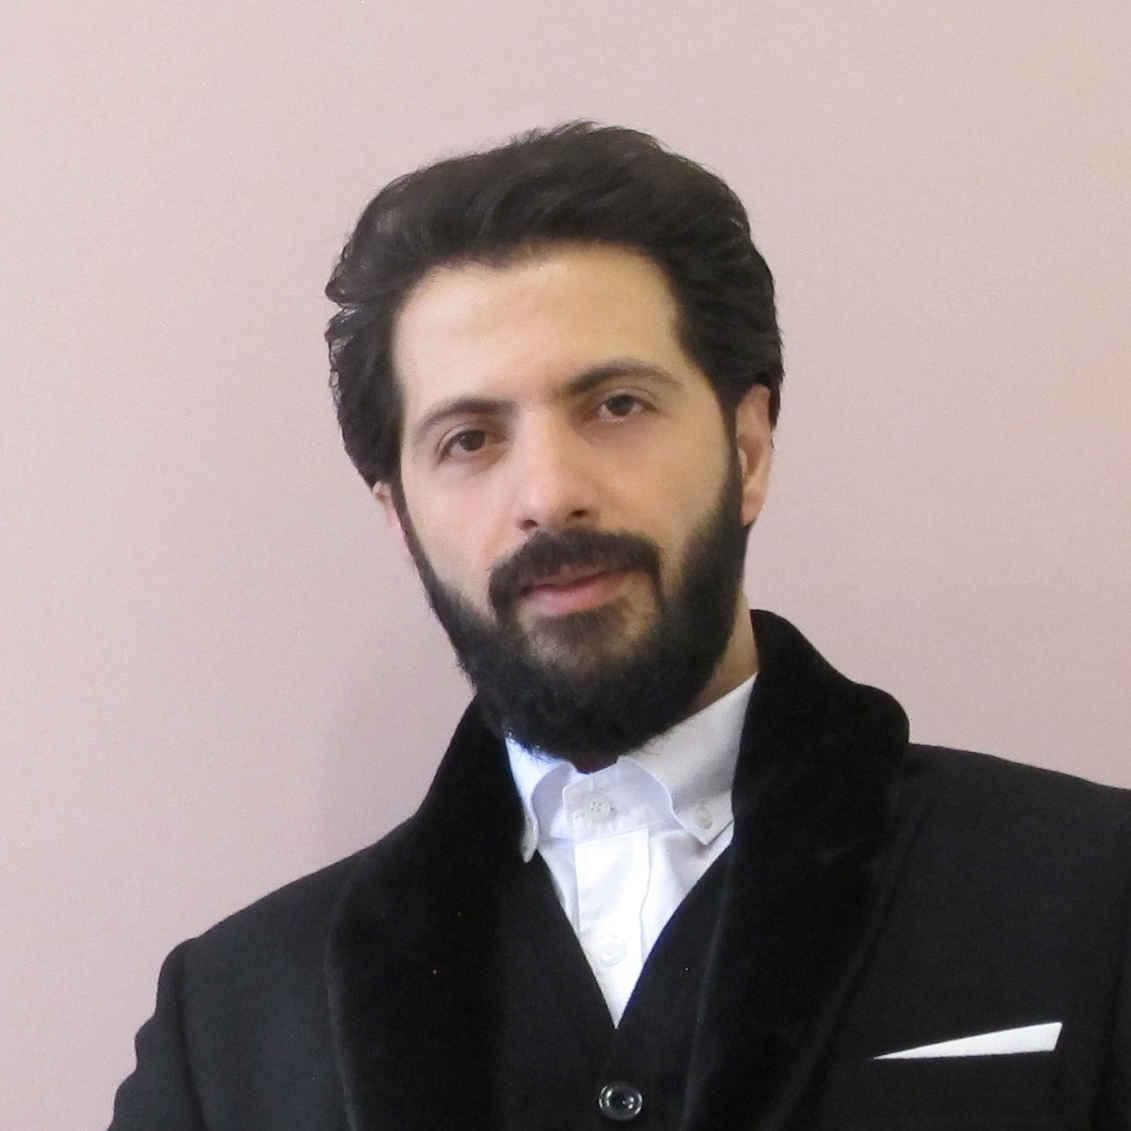 دکتر حمید احدی، بهترین مشاور شغلی و تحصیلی در تهران